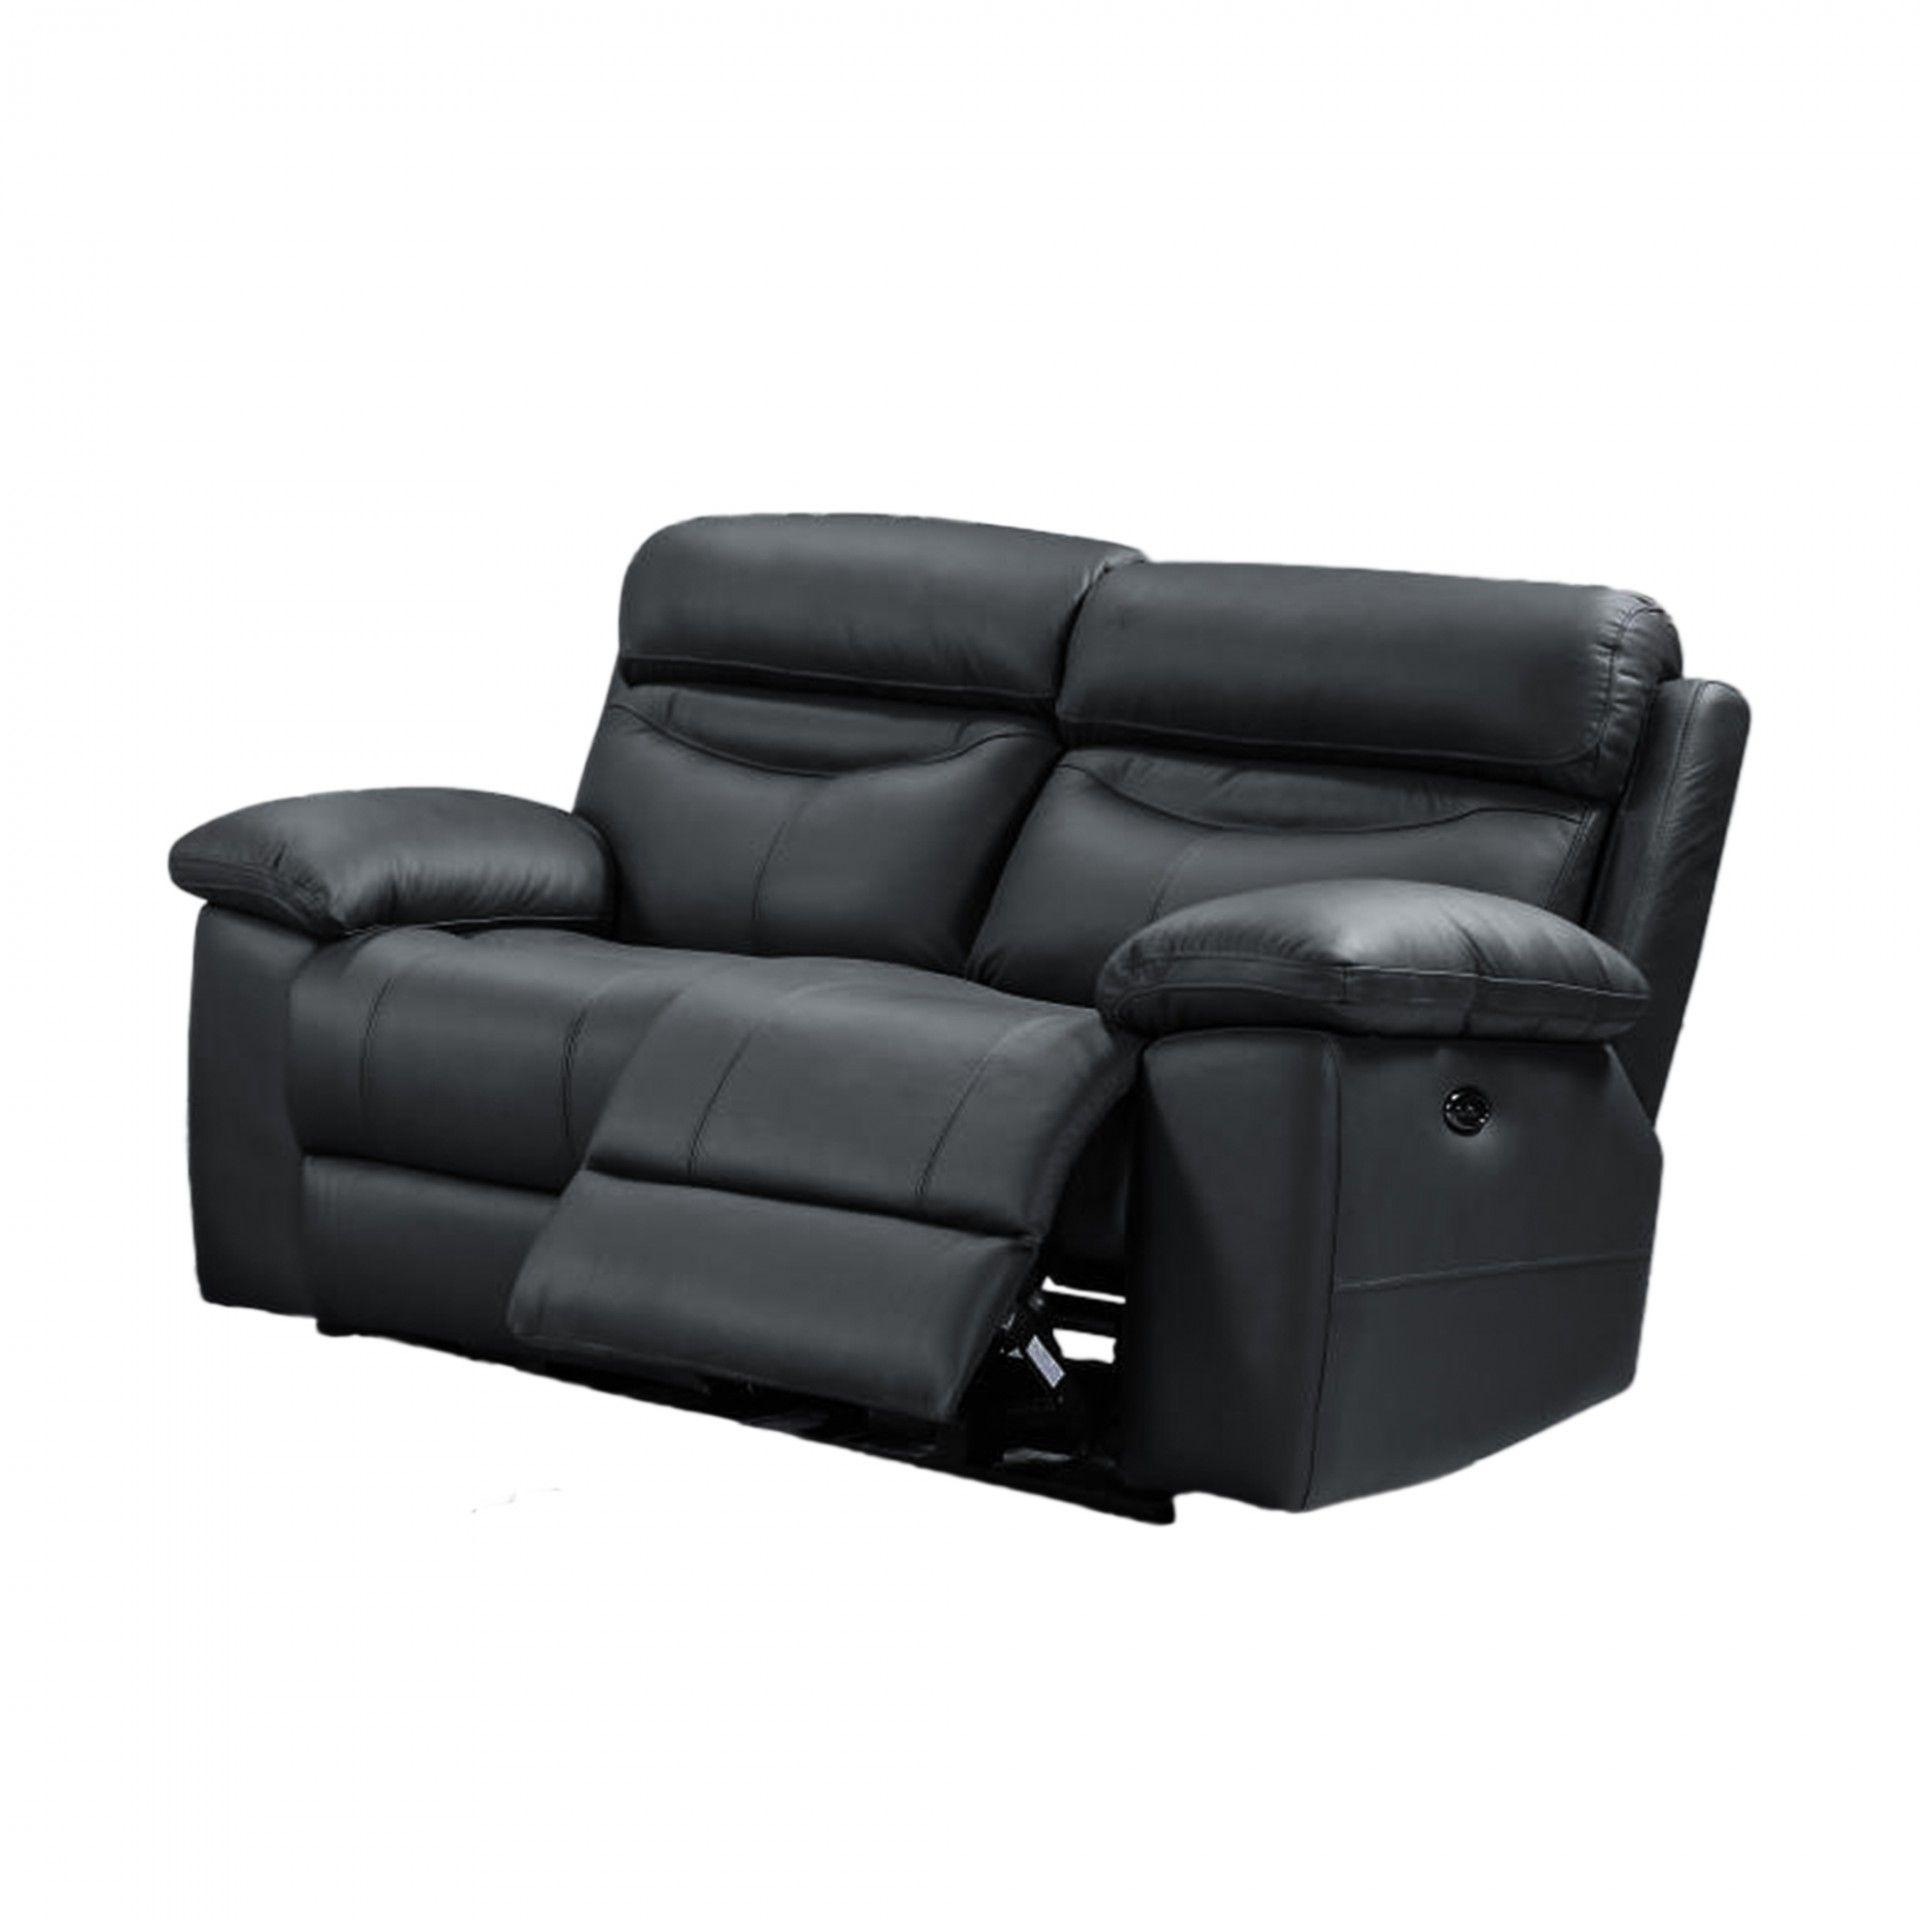 sofá de 2 Lugares Arizona com relax | Moviflor